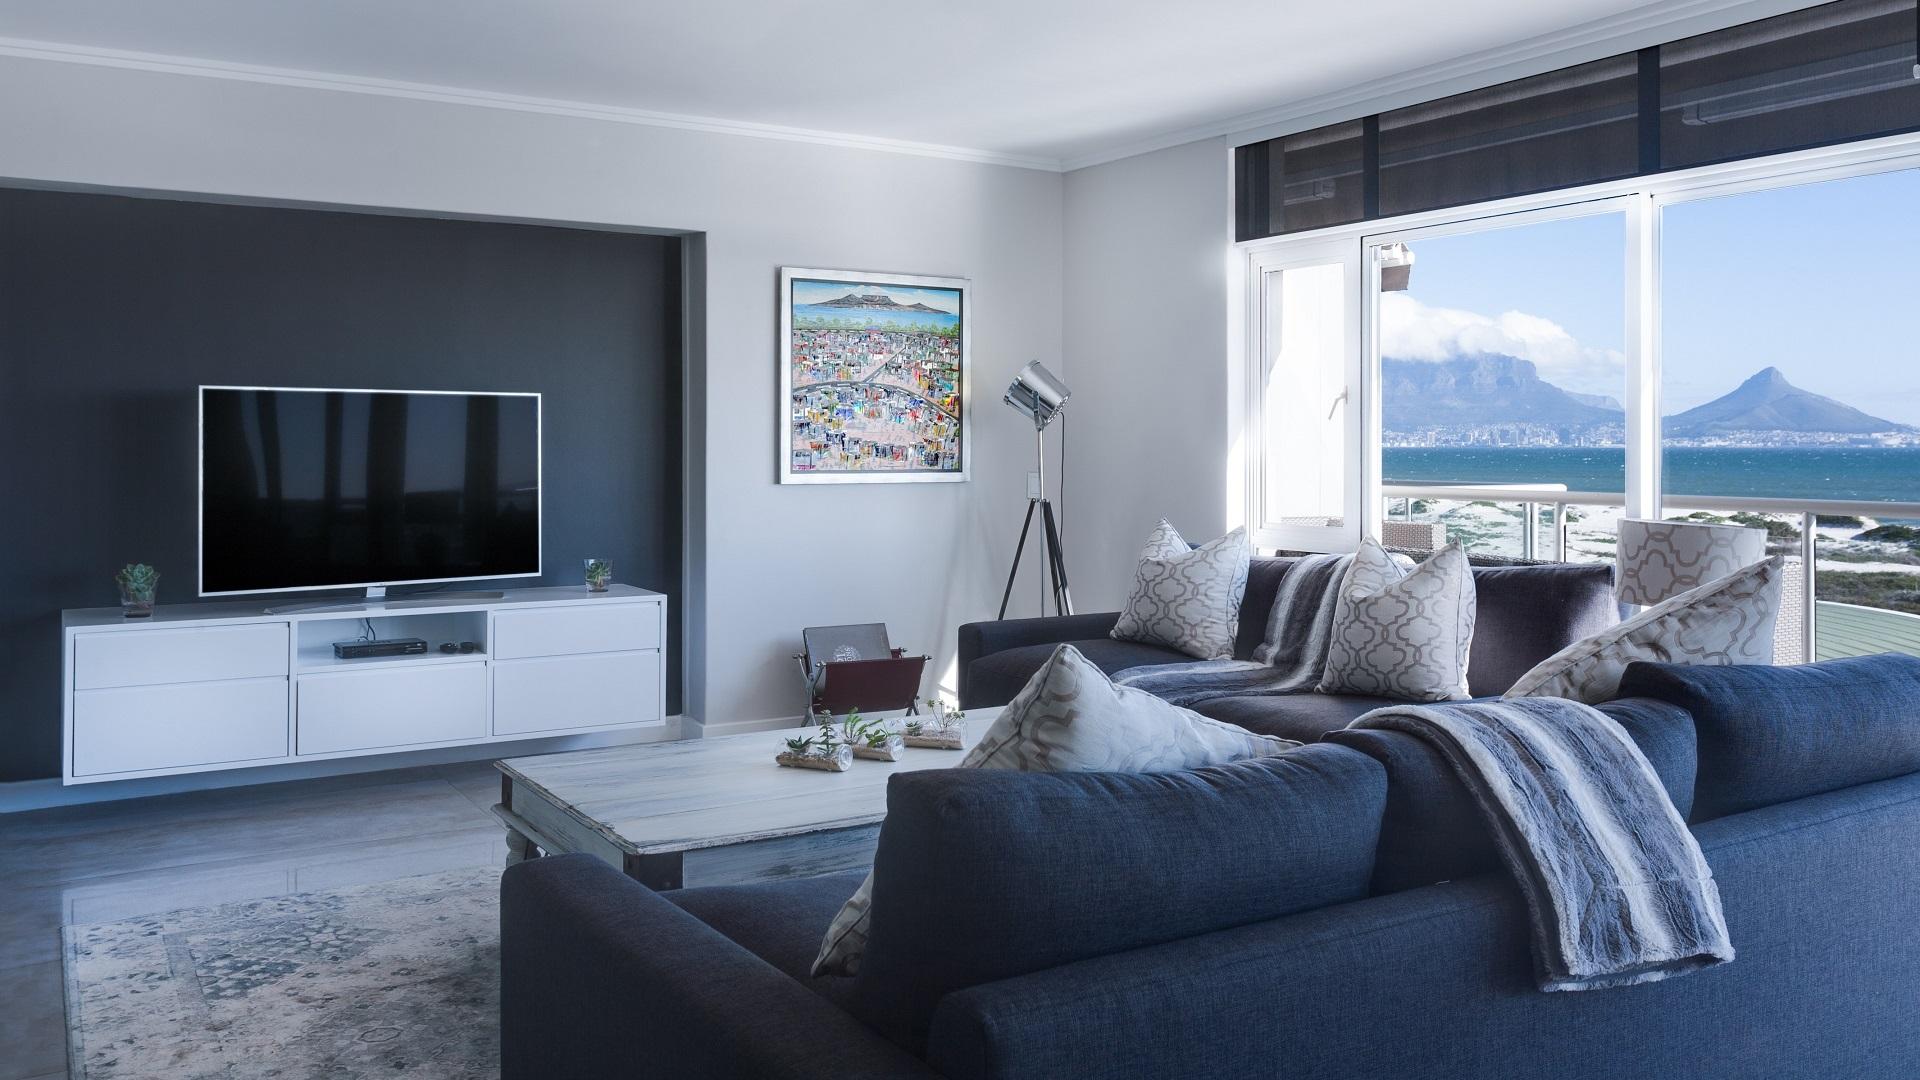 Quelles sont les meilleures TV 4K et HDR de 65 pouces en 2020 ?